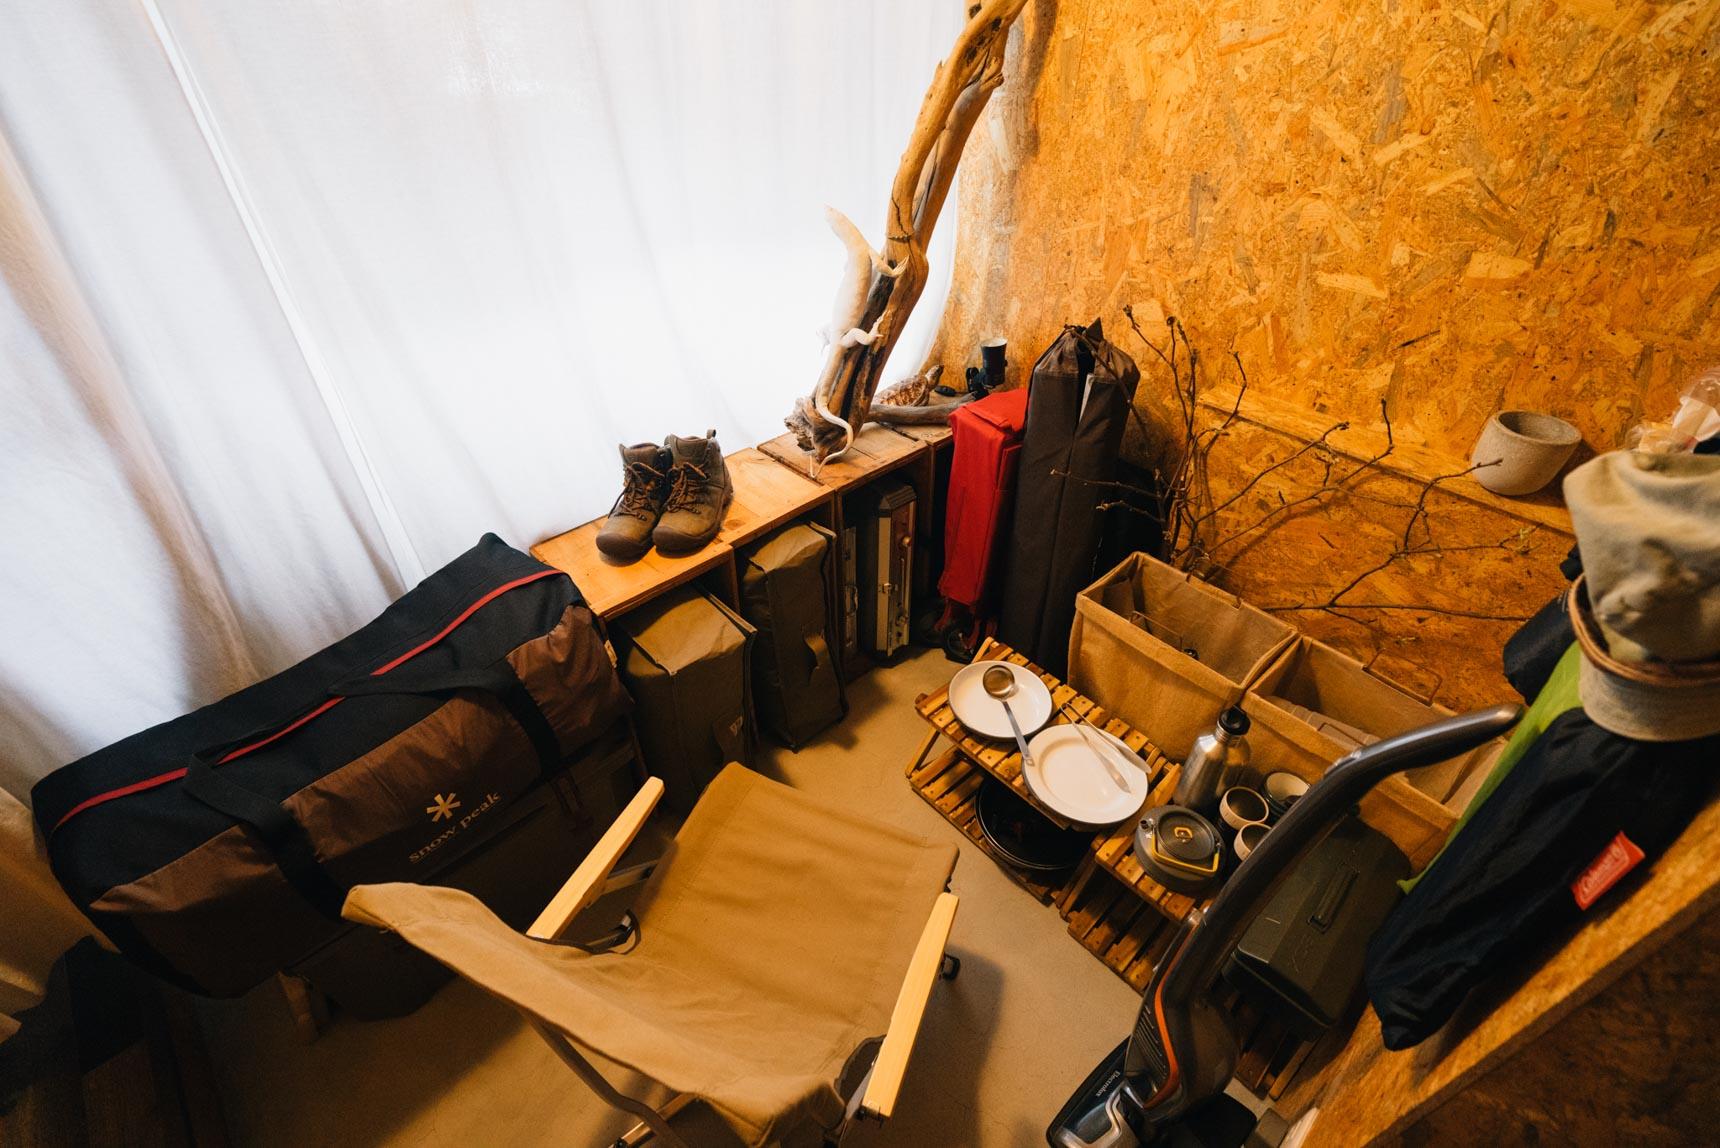 もうひとつある部屋は、アウトドア用品の収納スペースに。